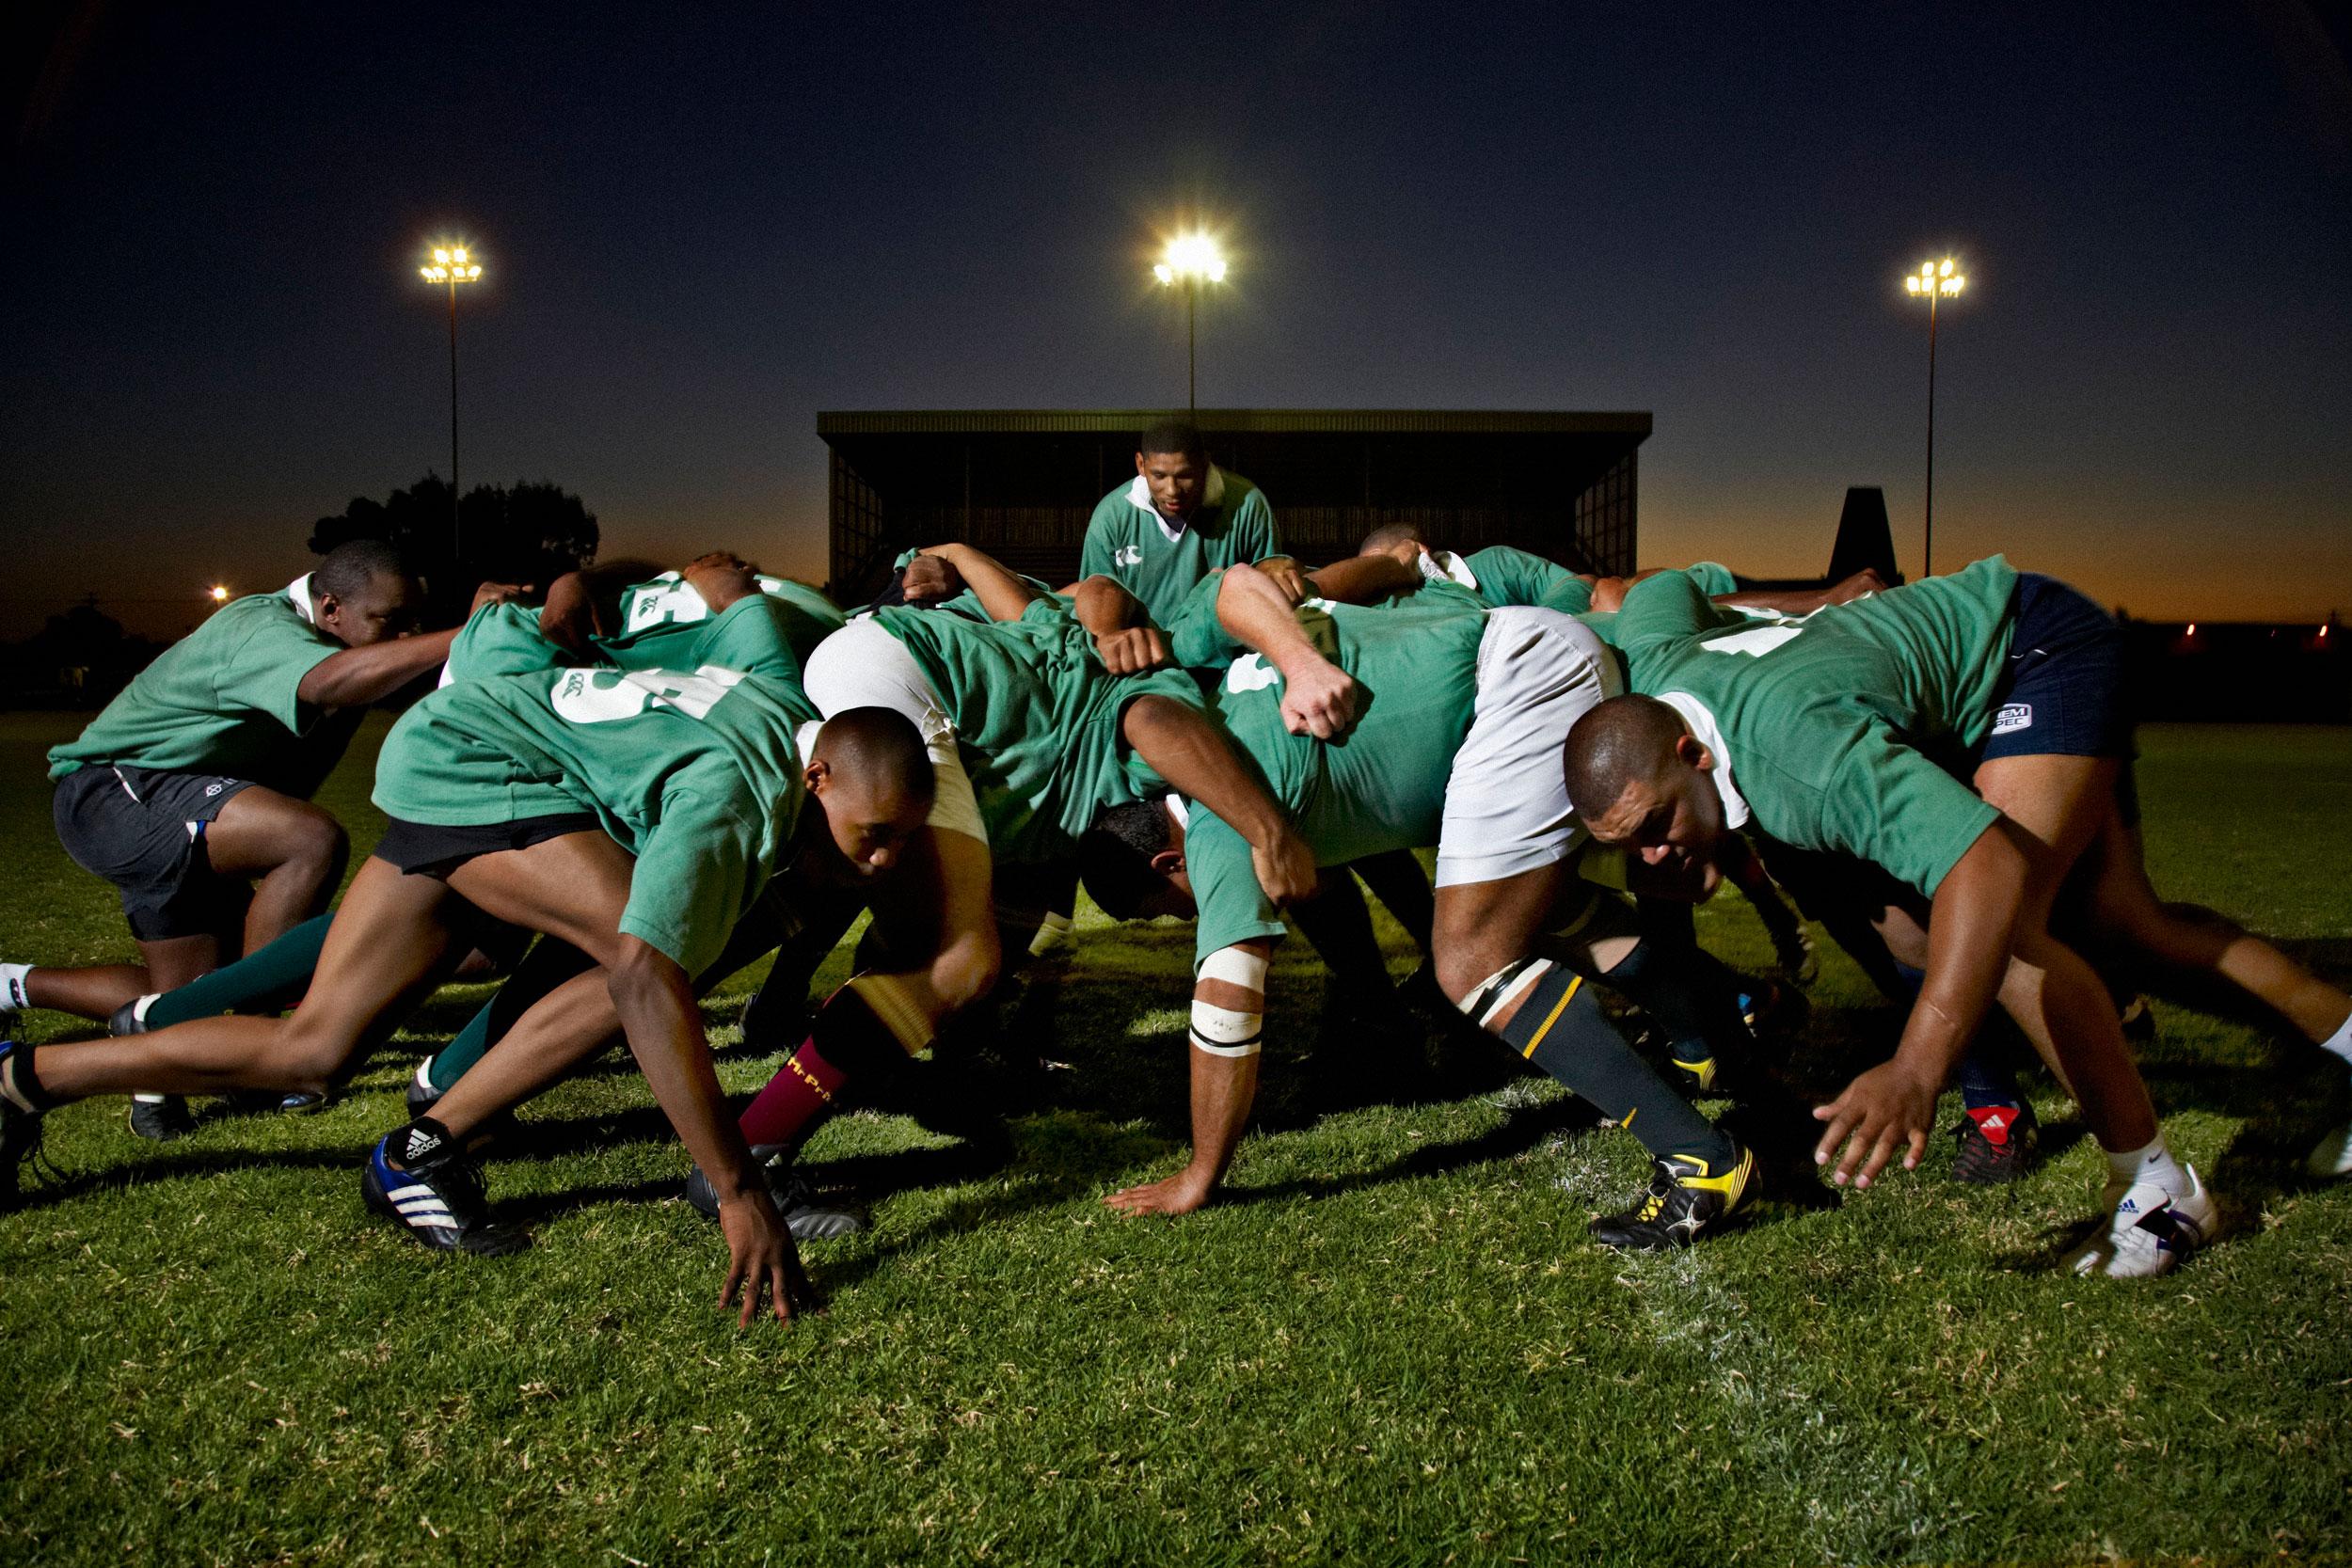 20070327_RugbyClub_B8T6222_v01.jpg